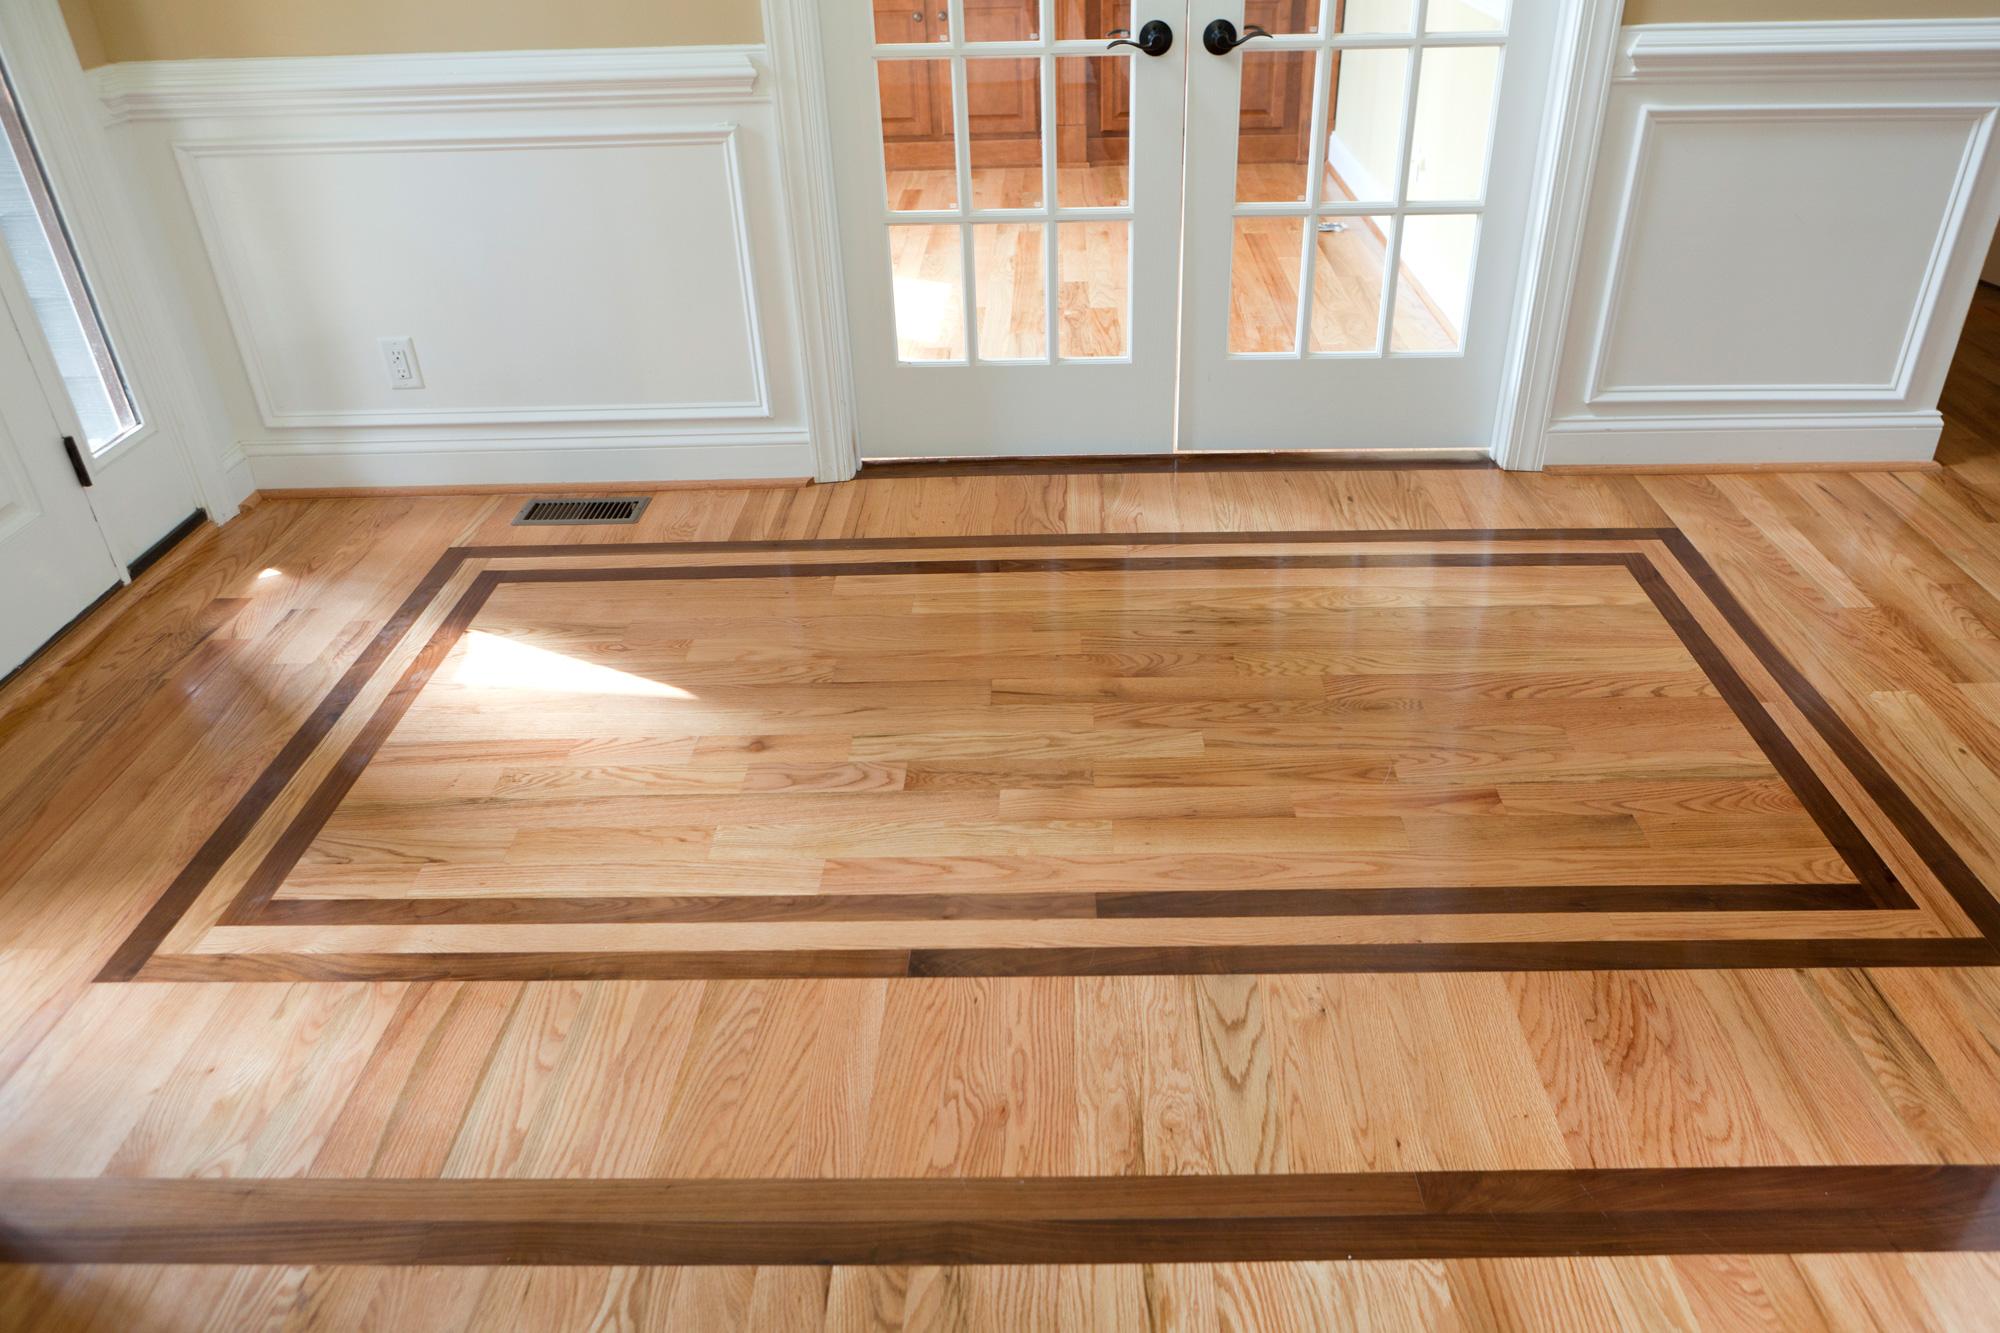 wooden floor design hardwood flooring designs wood flooring ideas | wood floor | ideas for JCNQTIC